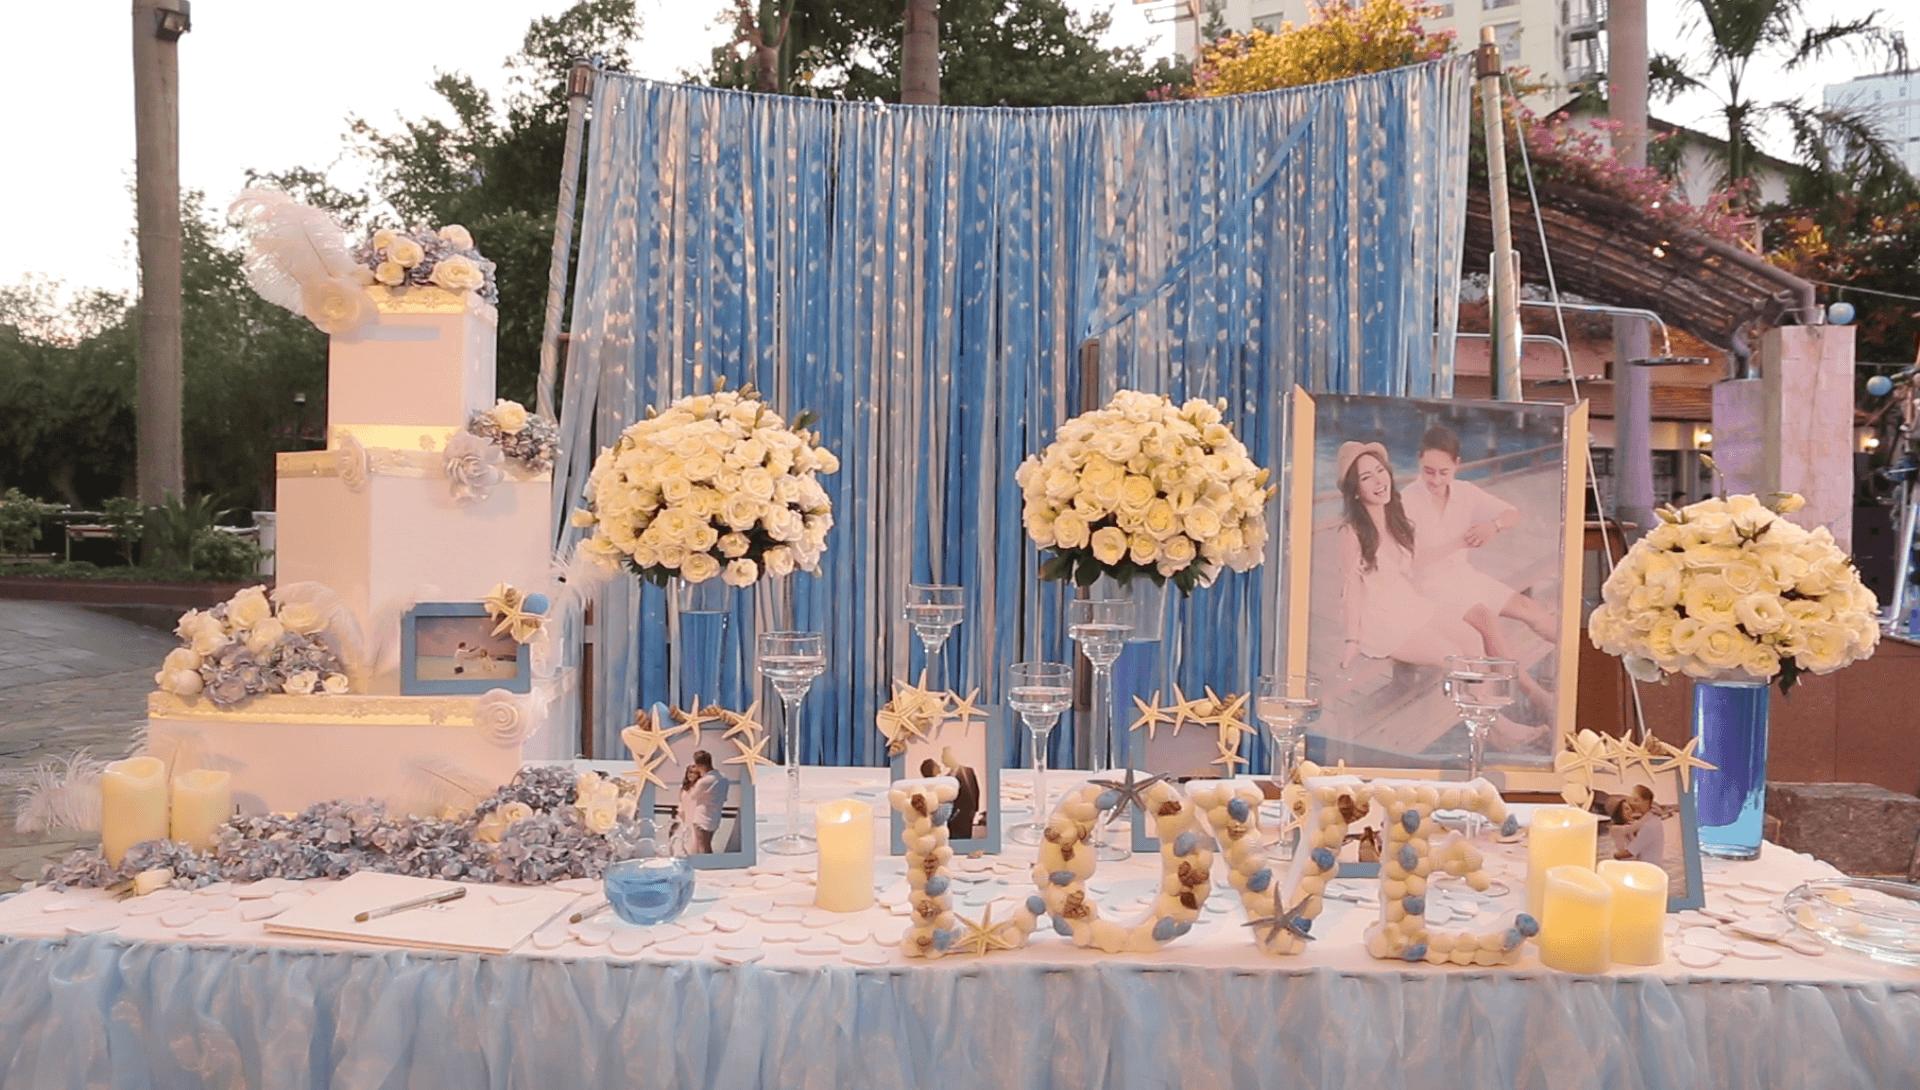 Trang trí sảnh lễ tân tiệc cưới